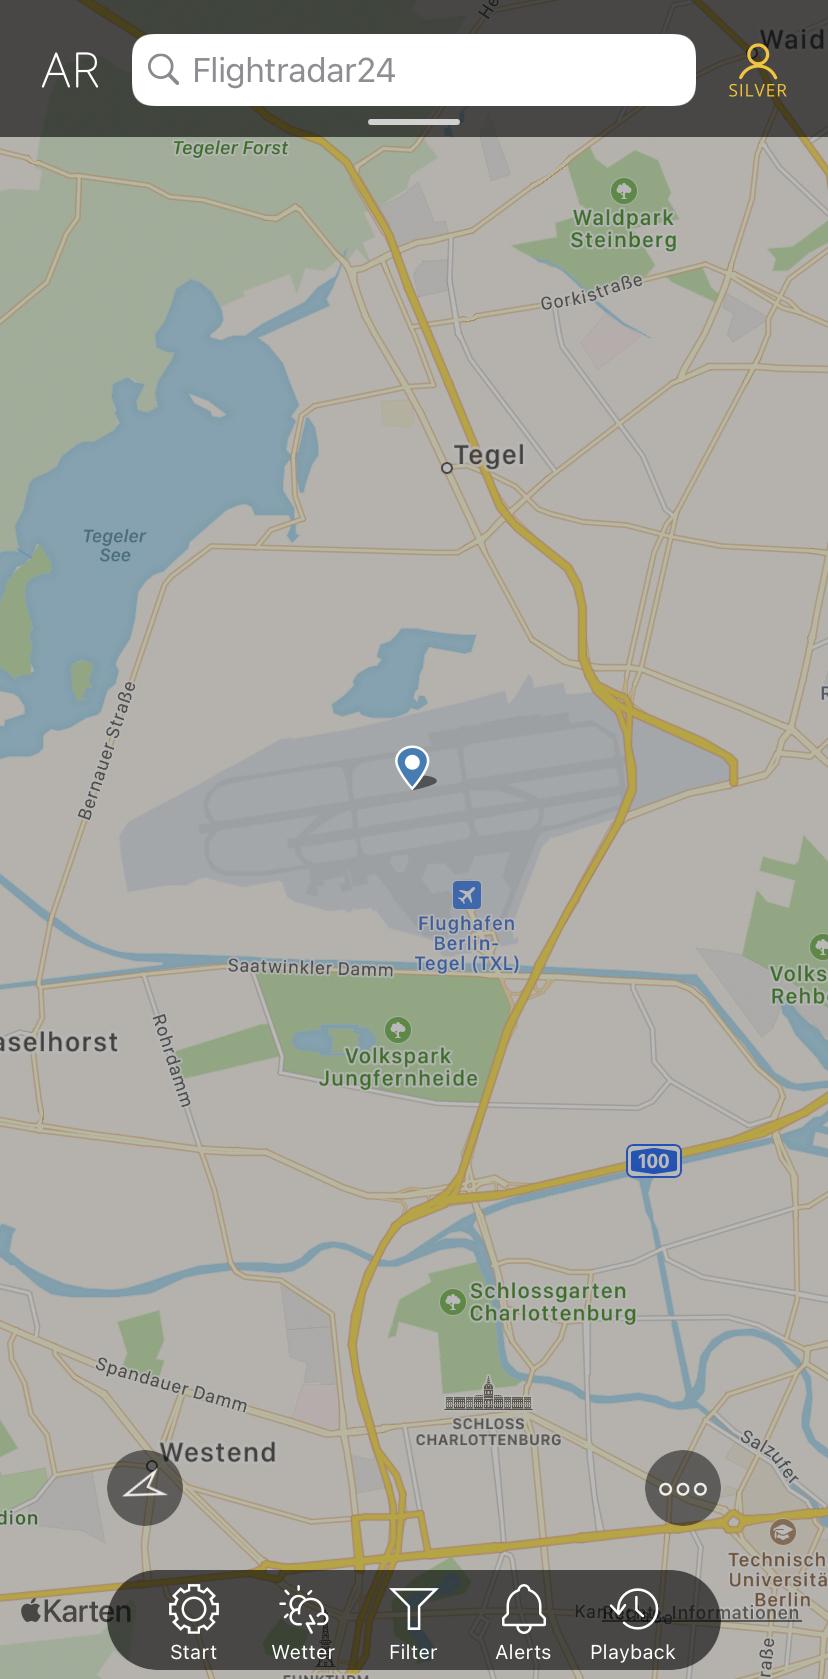 08.11.2020 – Letzter Flug ab Berlin Tegel TXL